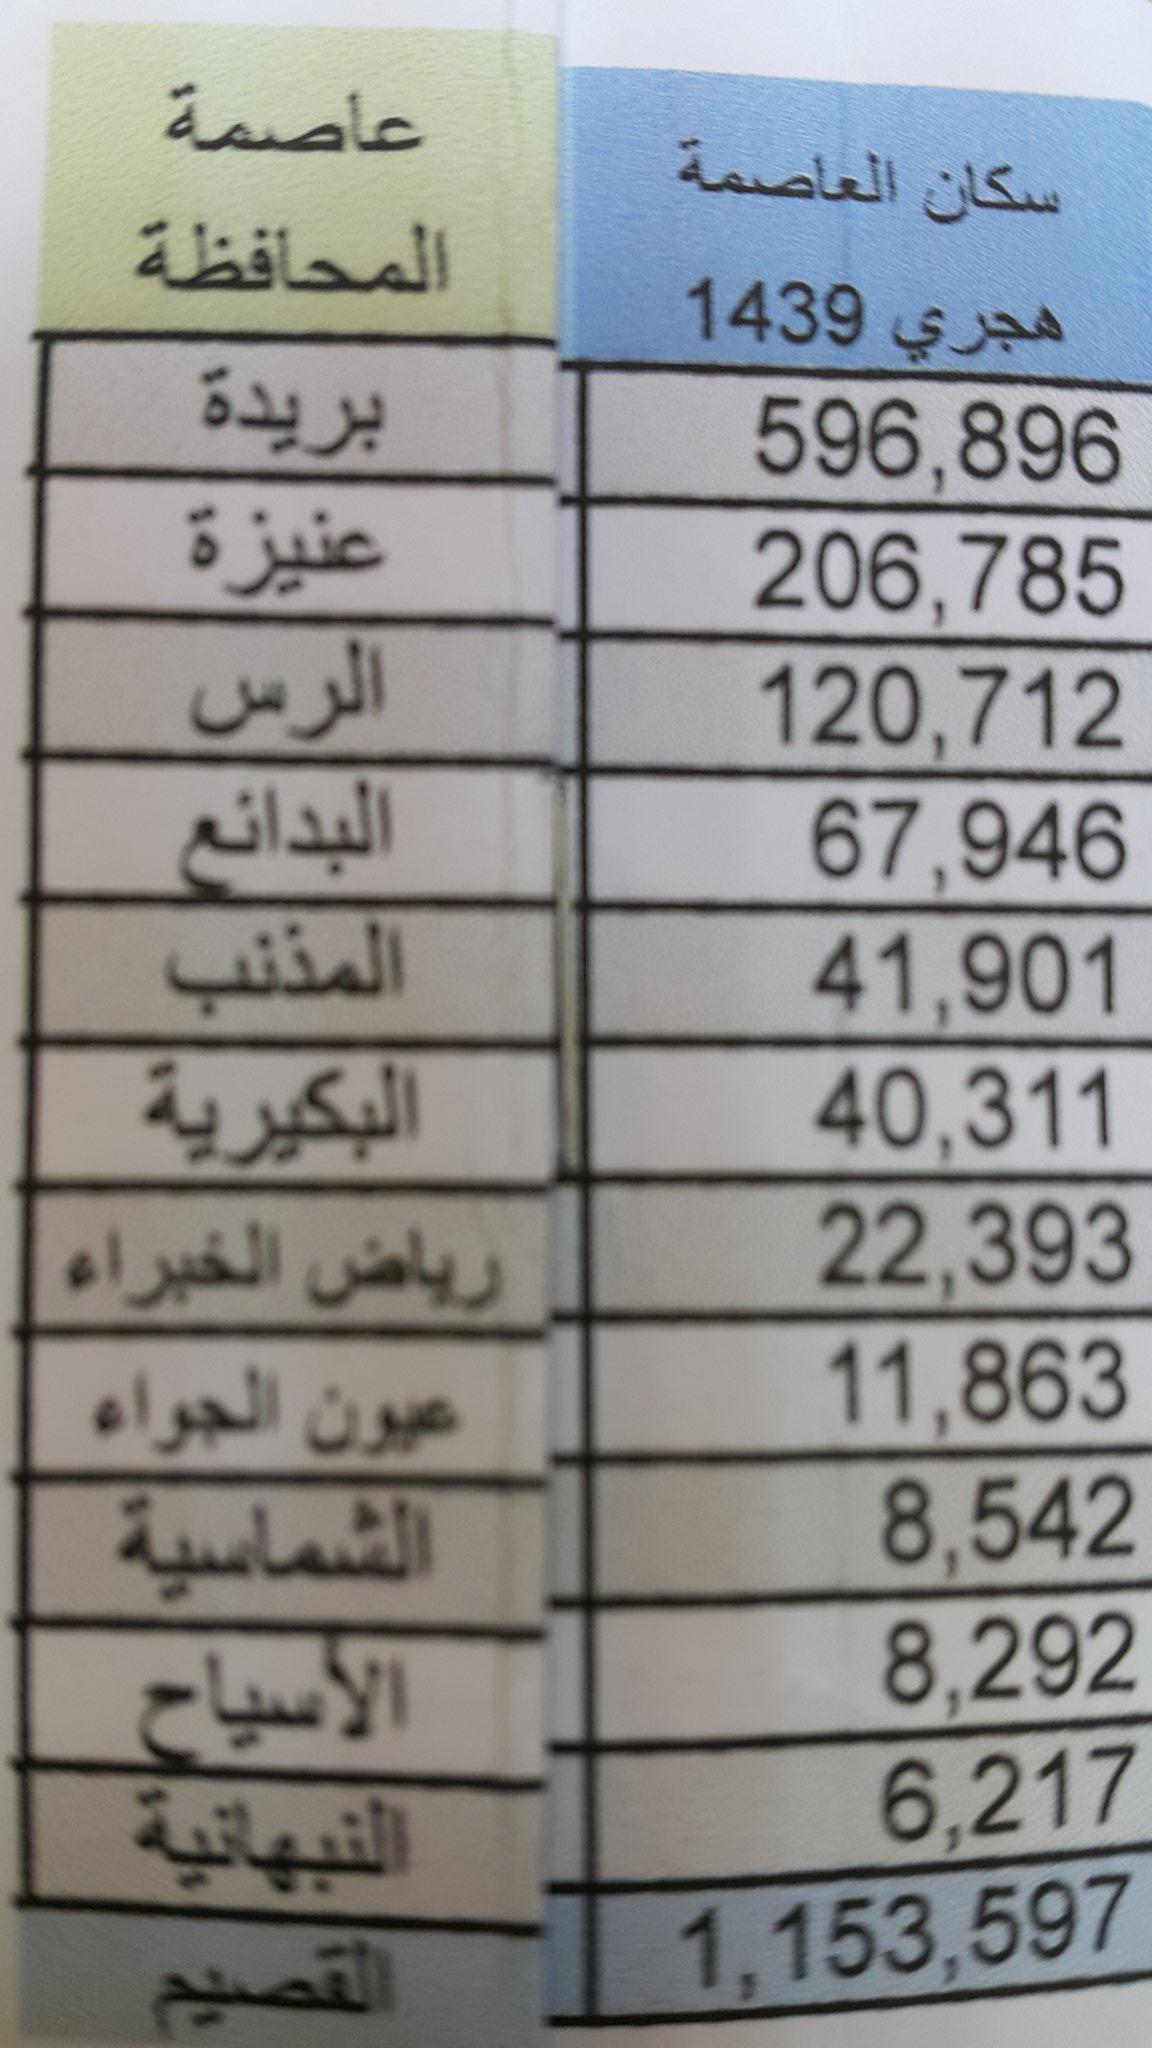 عبدالله بن درع المسعودي On Twitter من المتوقع أن يبلغ تعداد سكان منطقة القصيم بحسب زيادة السكان السنوية هذه السنة 1439 هجرية 1 567 813 نسمة وسيكون تعداد مدن